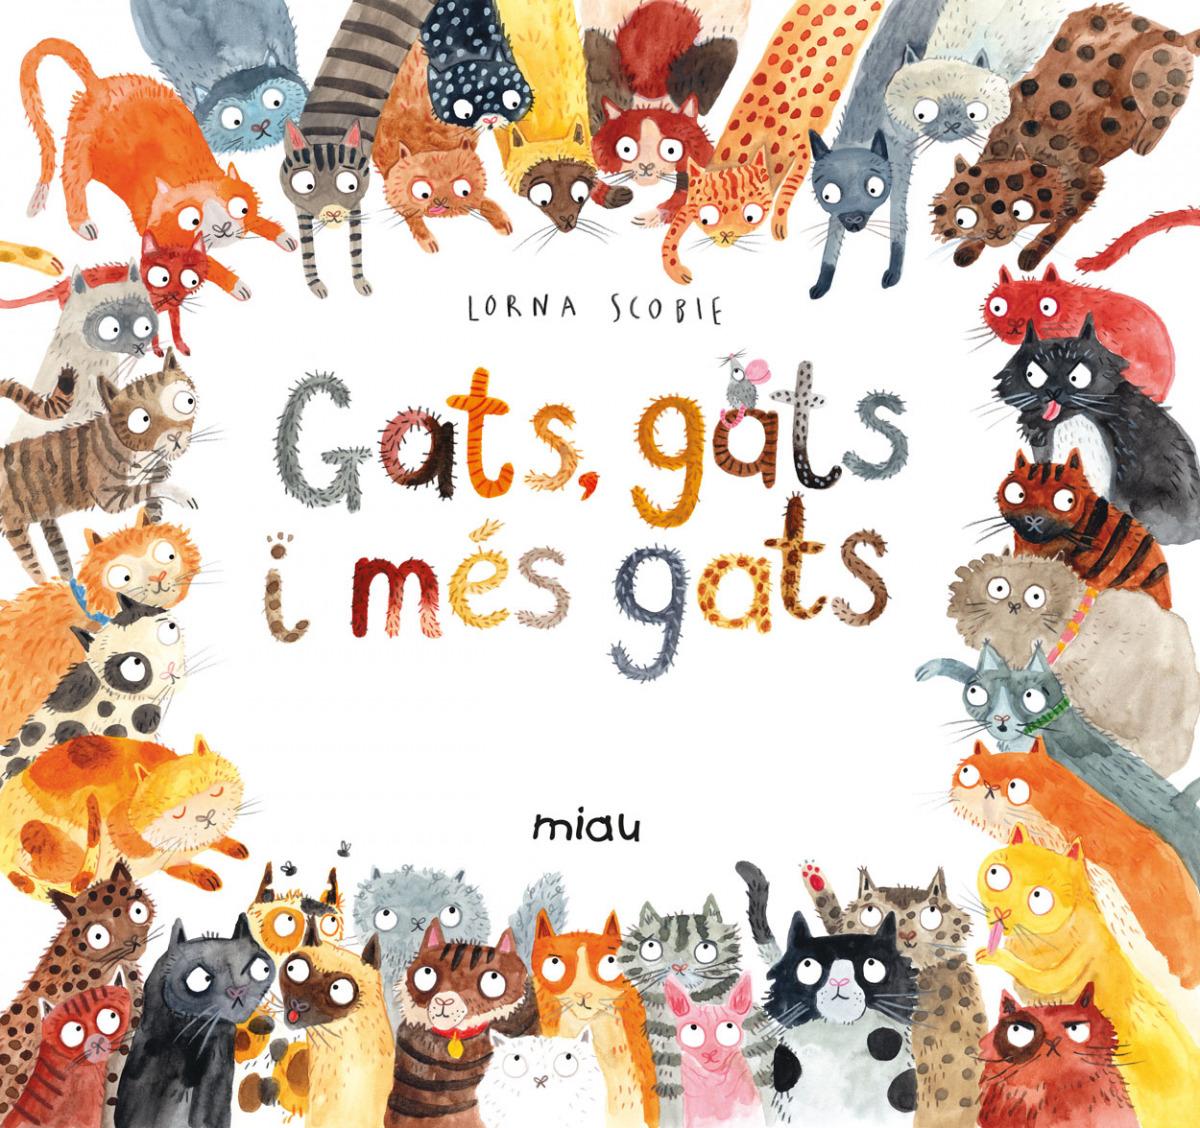 GATS, GATS I MÈS GATS